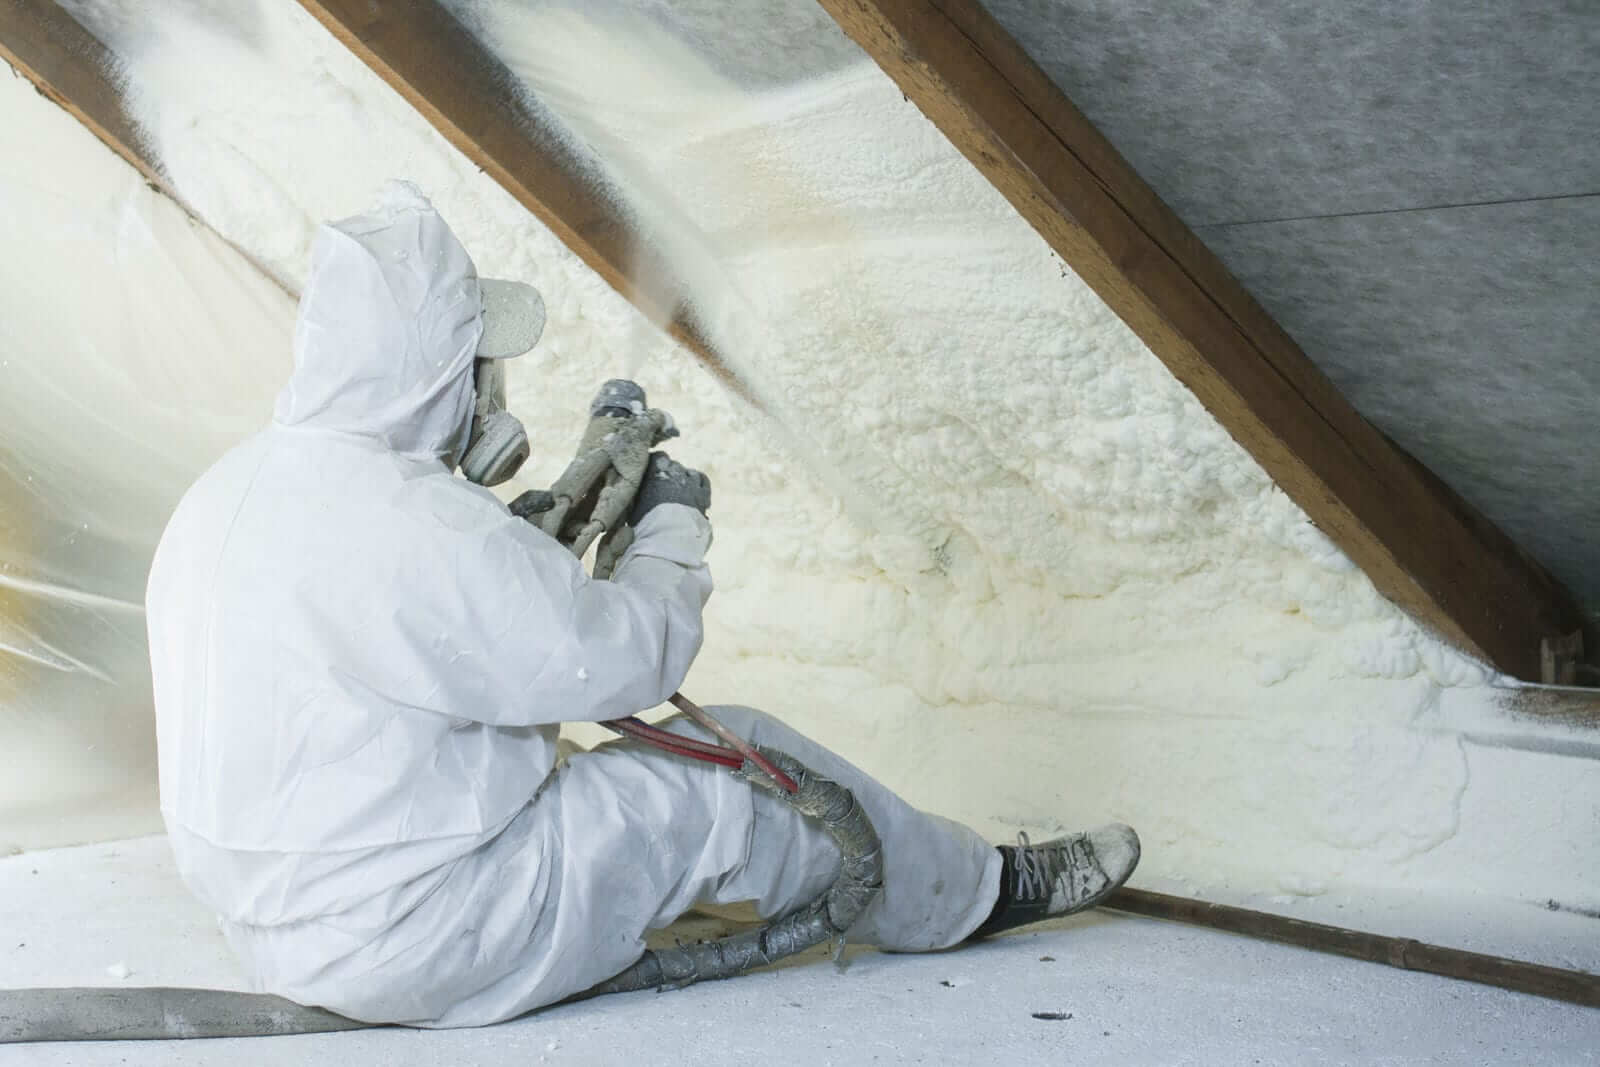 Утепление пеной: утепление полиуретановой монтажной пеной стены дома и крыши, заполнение воздушной прослойке между кладкой